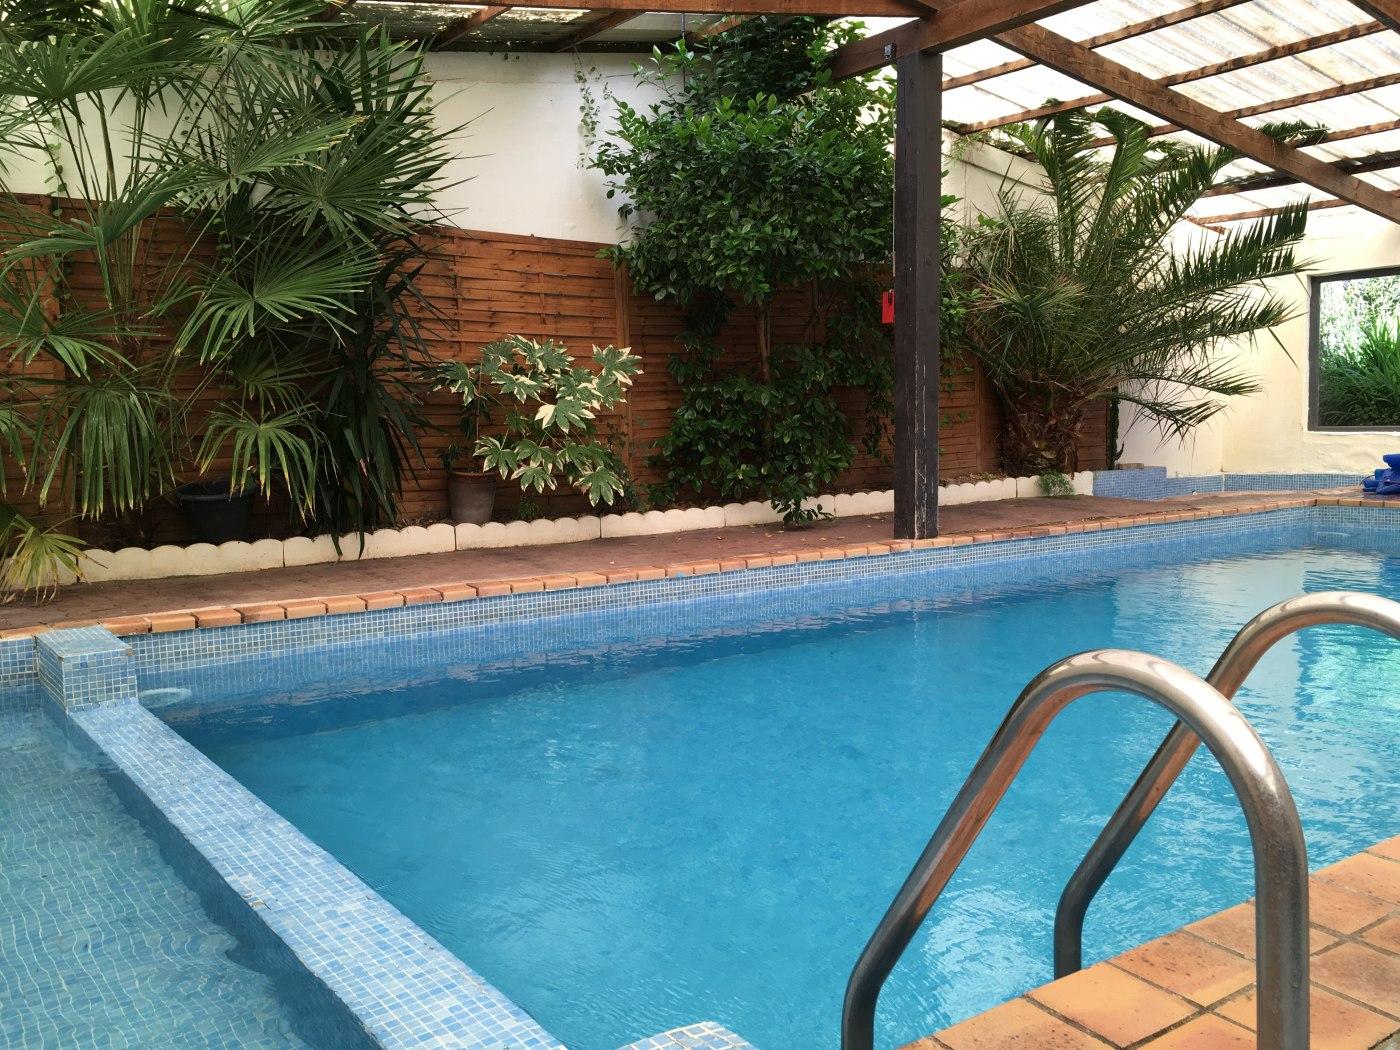 Maison vacances avec piscine plesder location 14 personnes for Piscine combourg